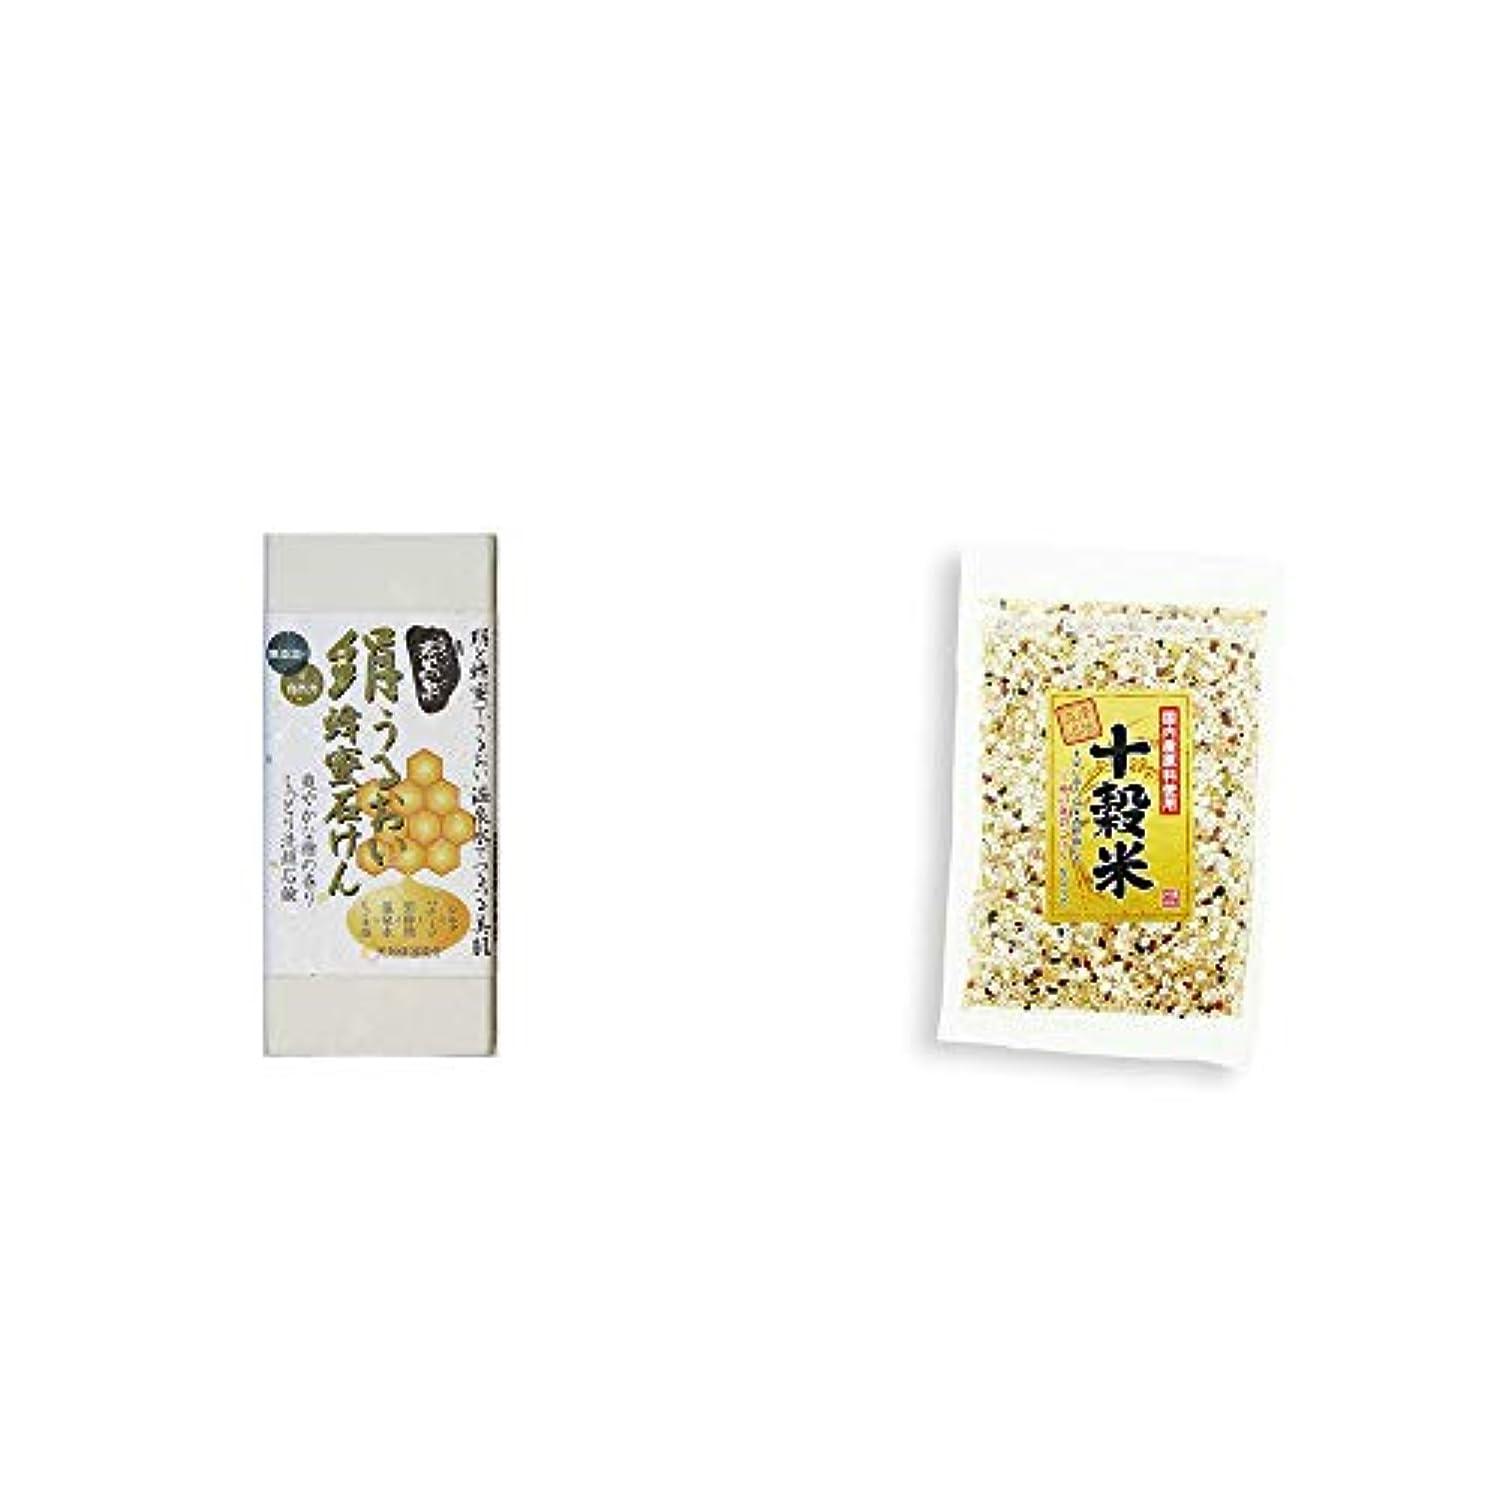 老人アドバンテージ消防士[2点セット] ひのき炭黒泉 絹うるおい蜂蜜石けん(75g×2)?国産原料使用 十穀米(300g)